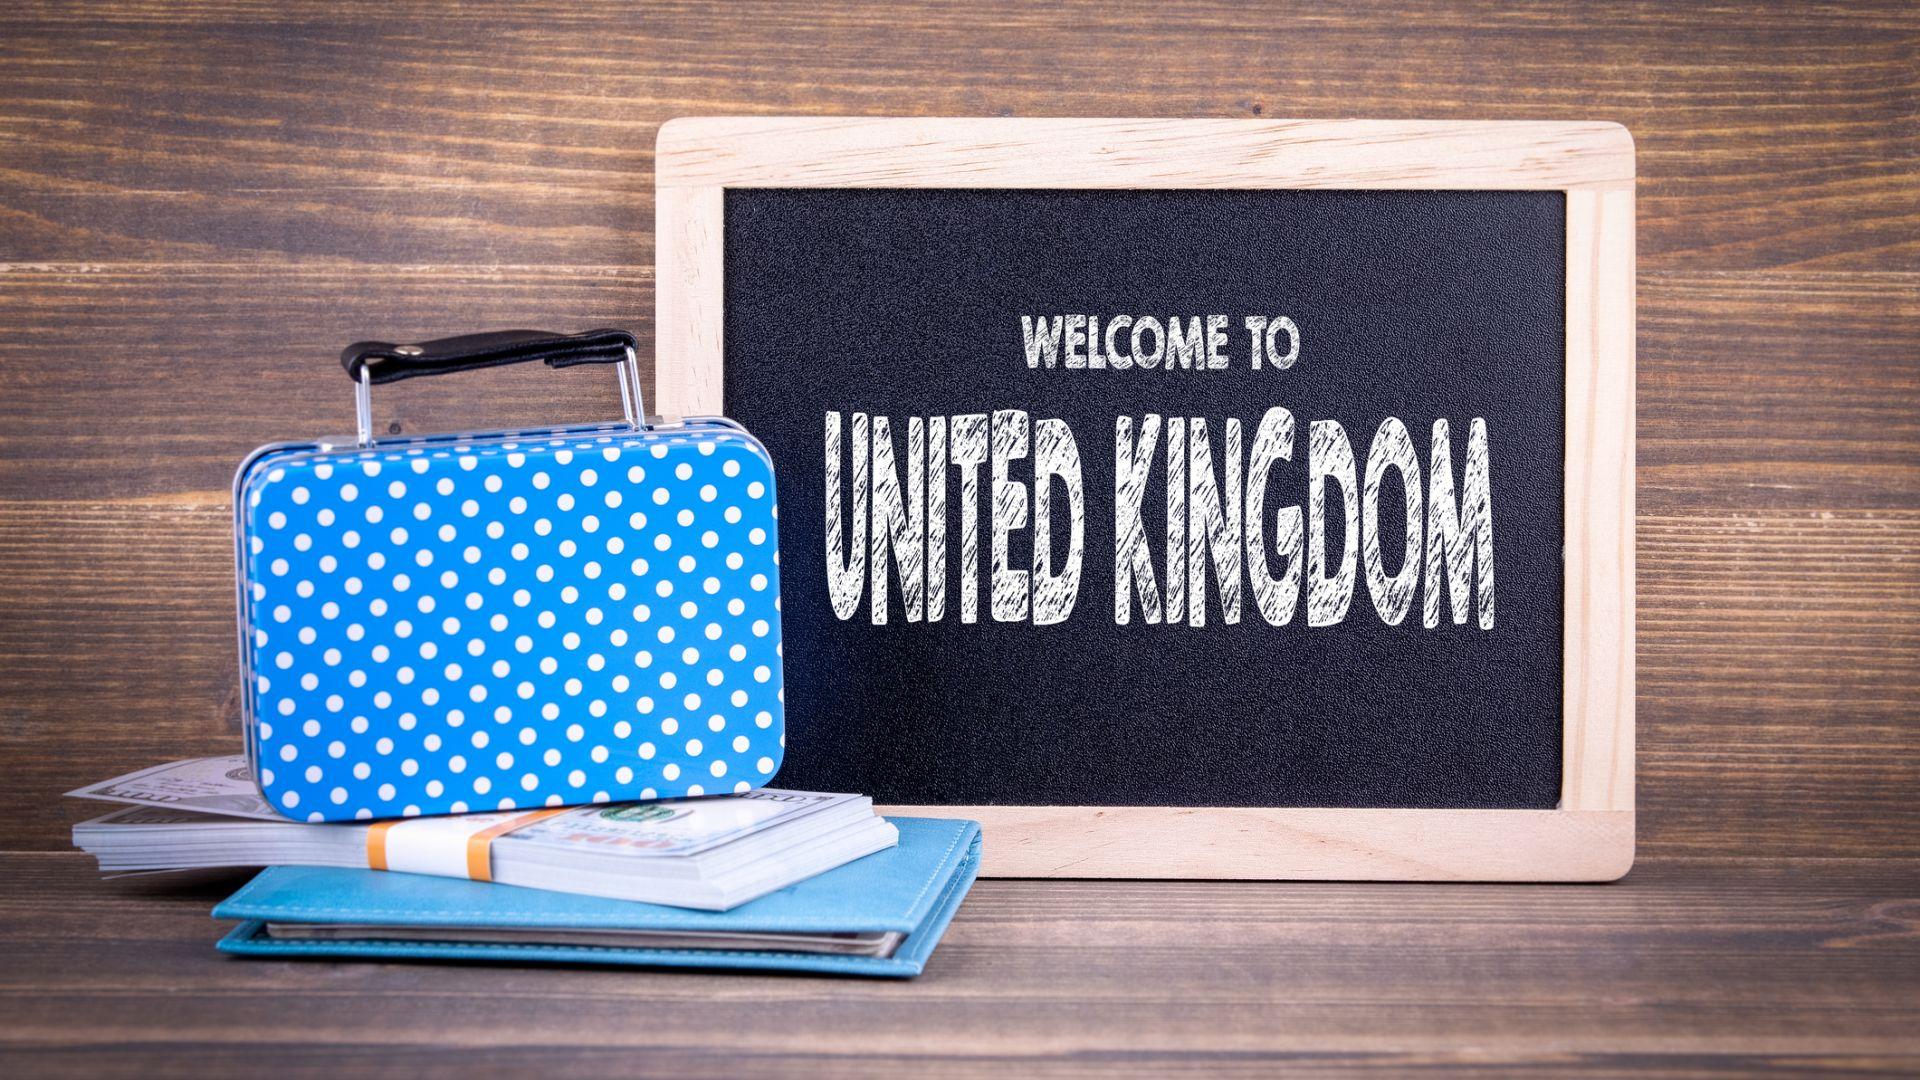 Защо Лондон налага по-високи работни визи за българите?